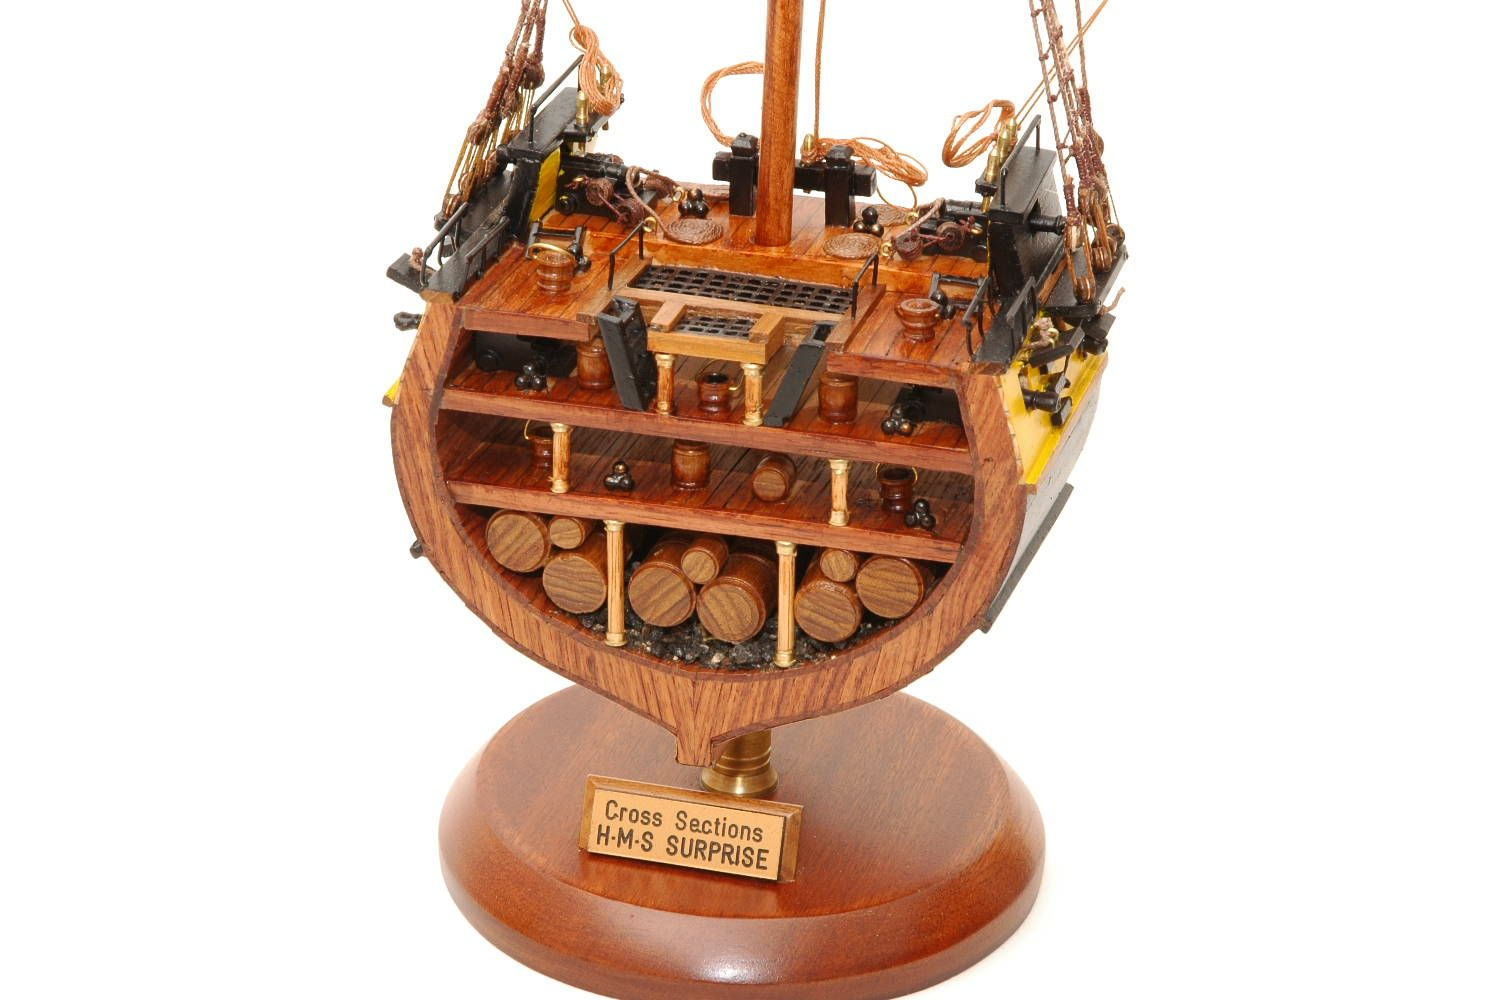 548-8334-HMS-Surprise-Cross-Section-Superior-Range